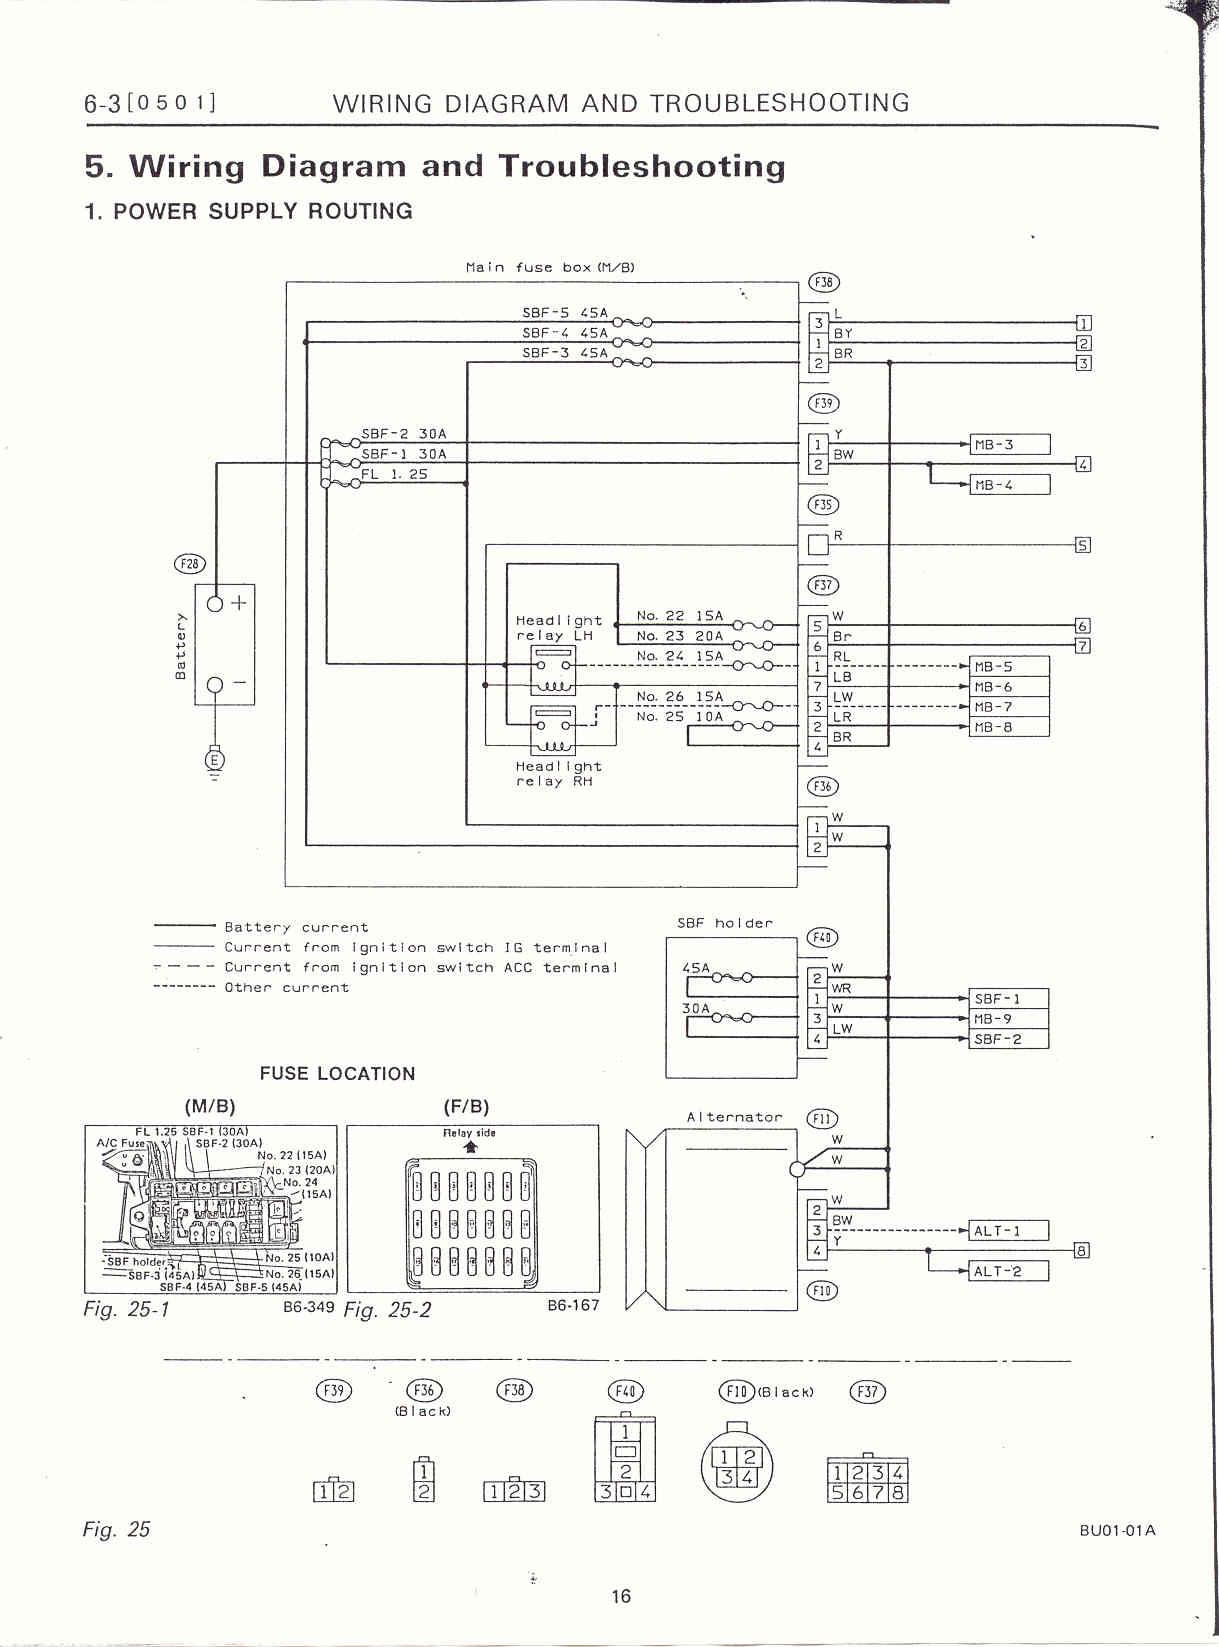 94 Impreza Wiring Diagram Detailed Schematics Subaru Gc8 Legacy Electrical Diagrams White